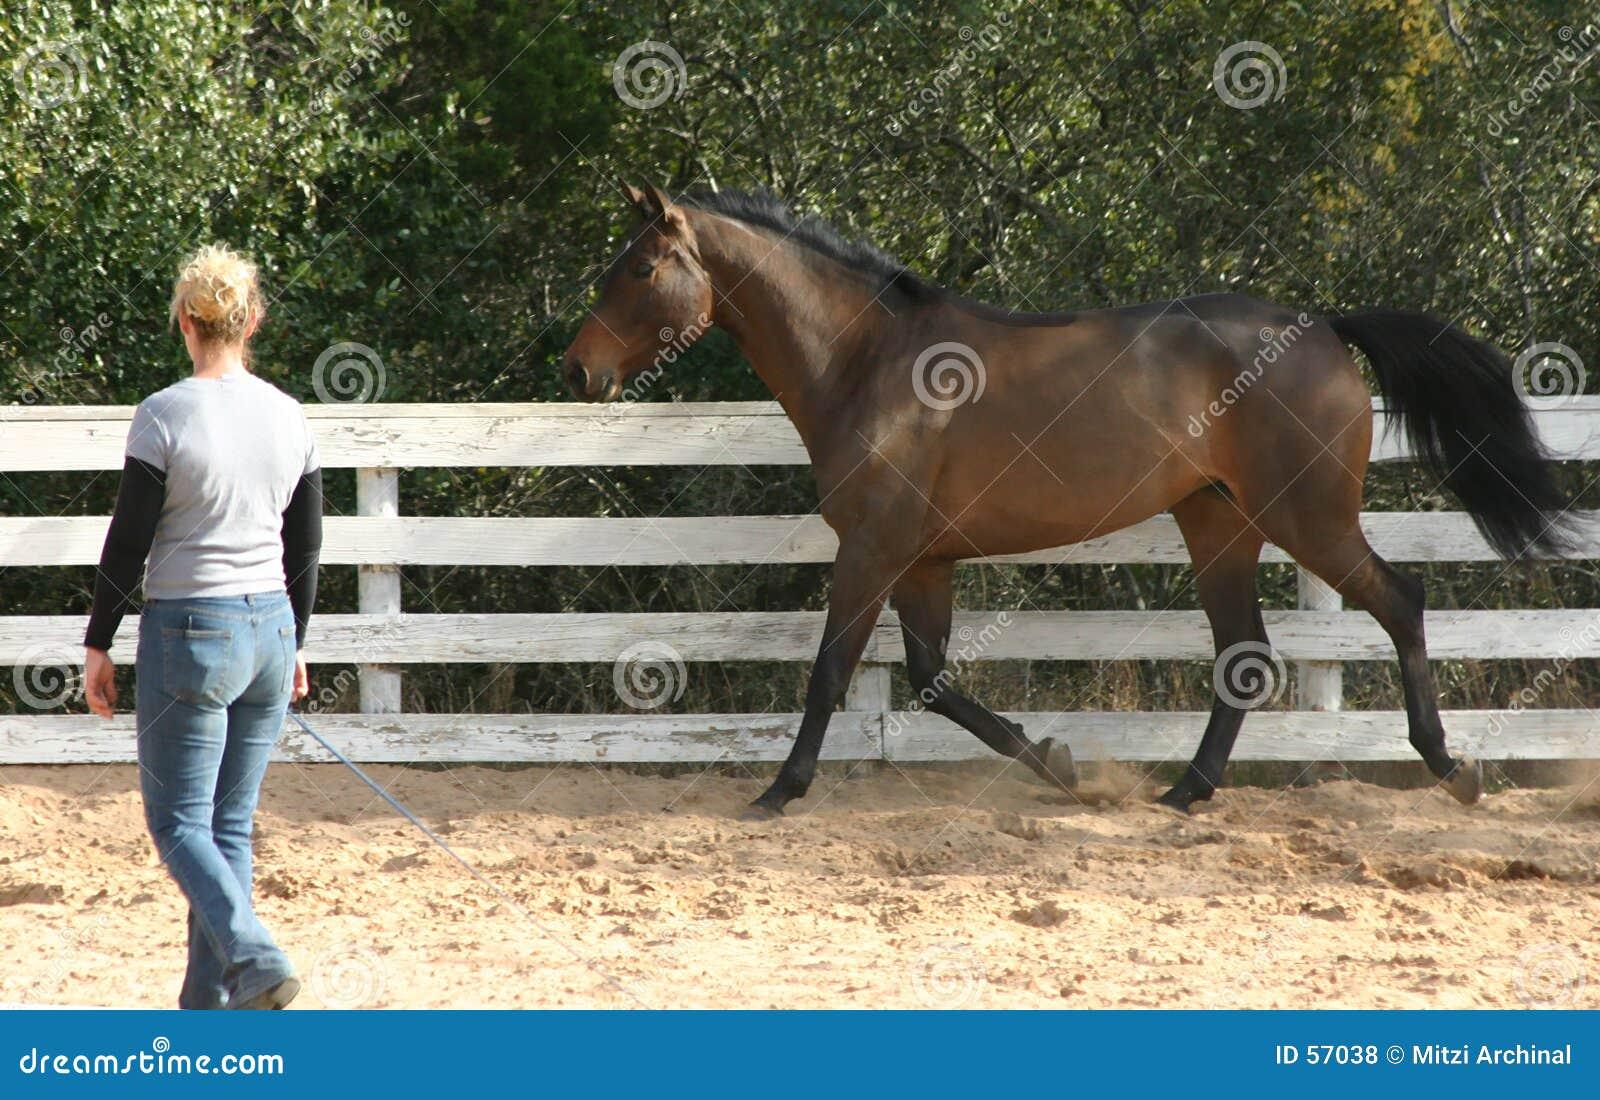 Download Avion-école de cheval 2 photo stock. Image du chevaux, école - 57038